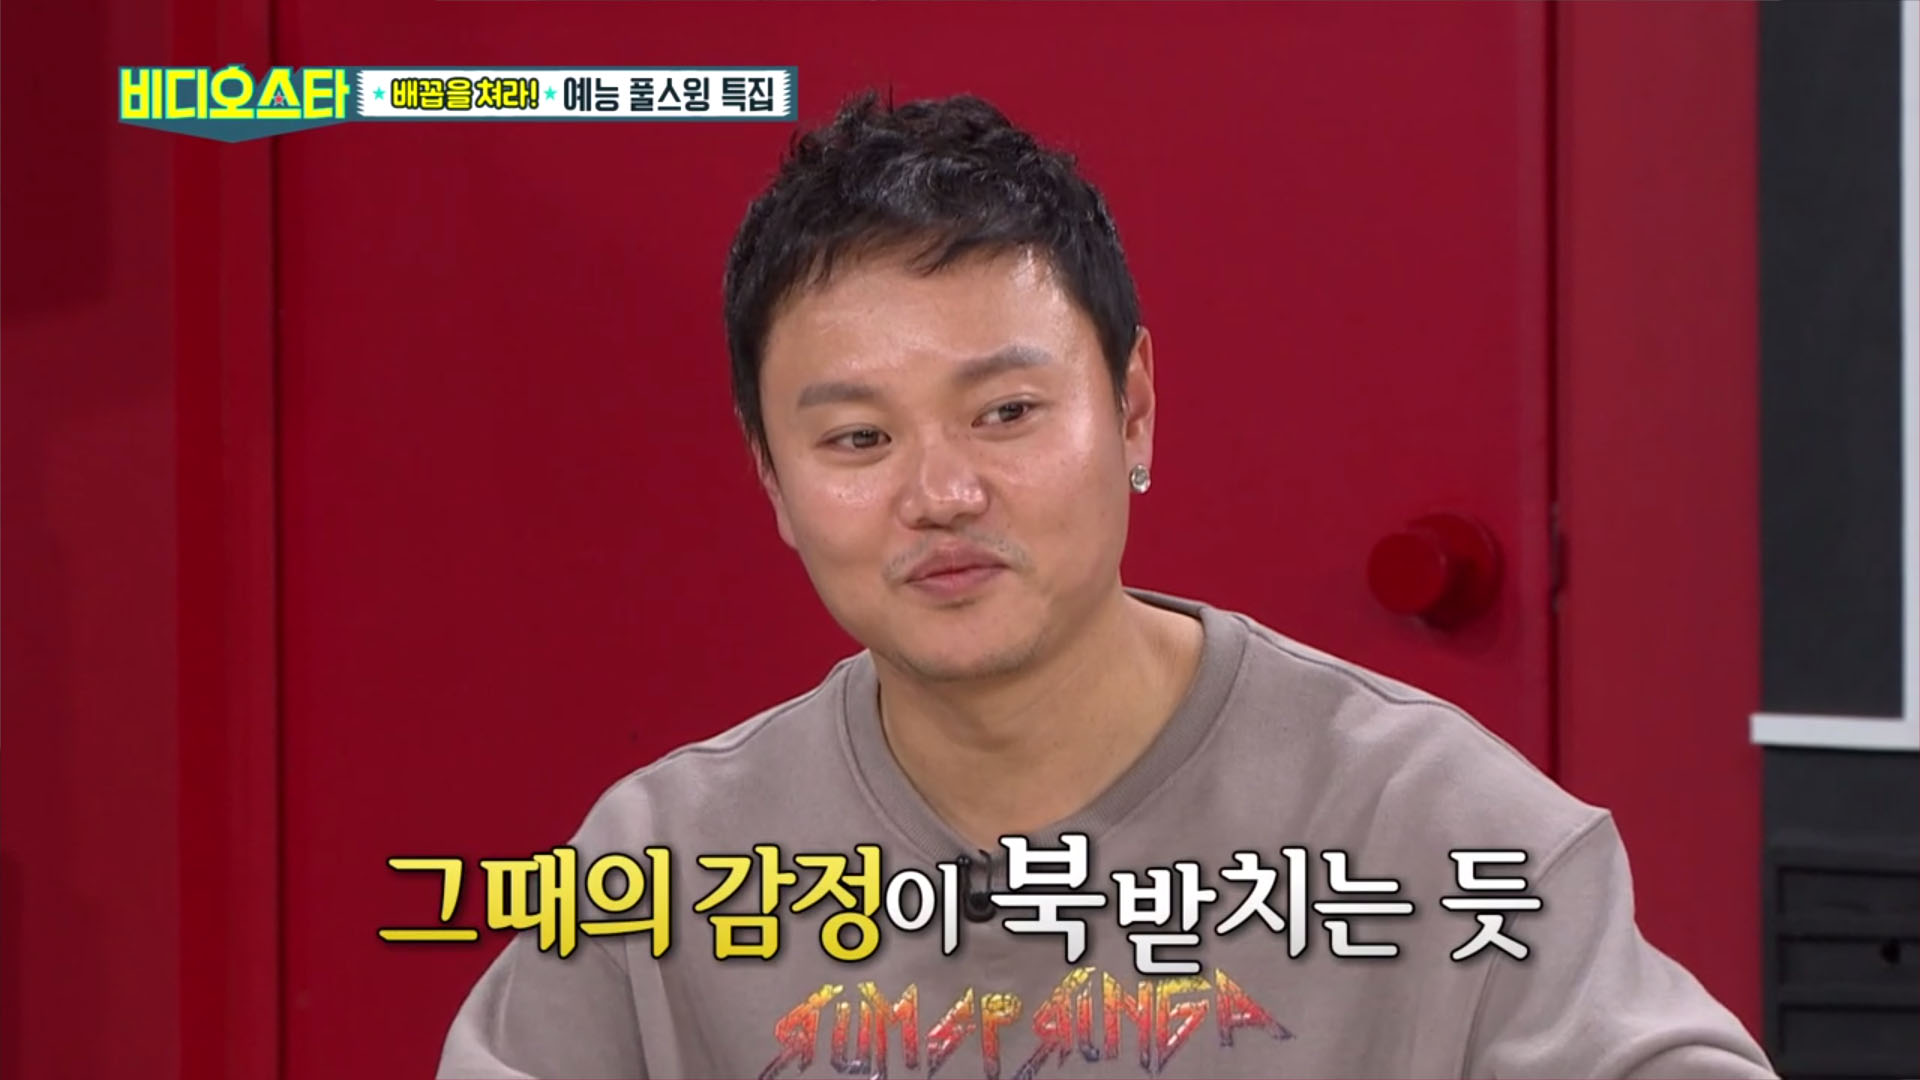 <비디오스타>김민교,신동엽에게 고마움표하며 눈물